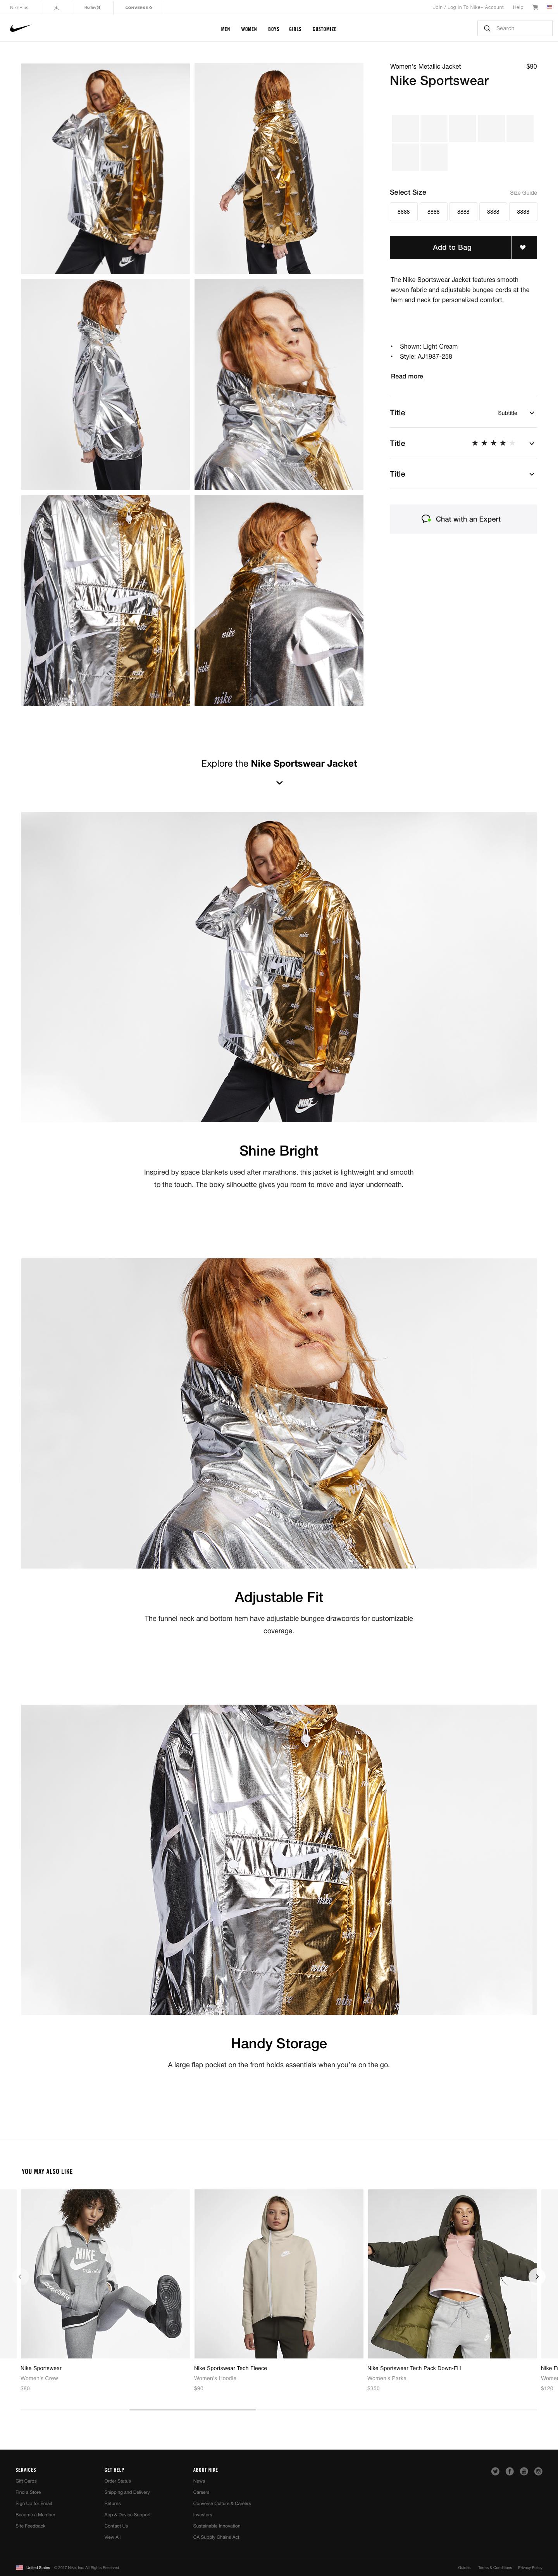 Sportswear Metallic Jacket Desktop.jpg